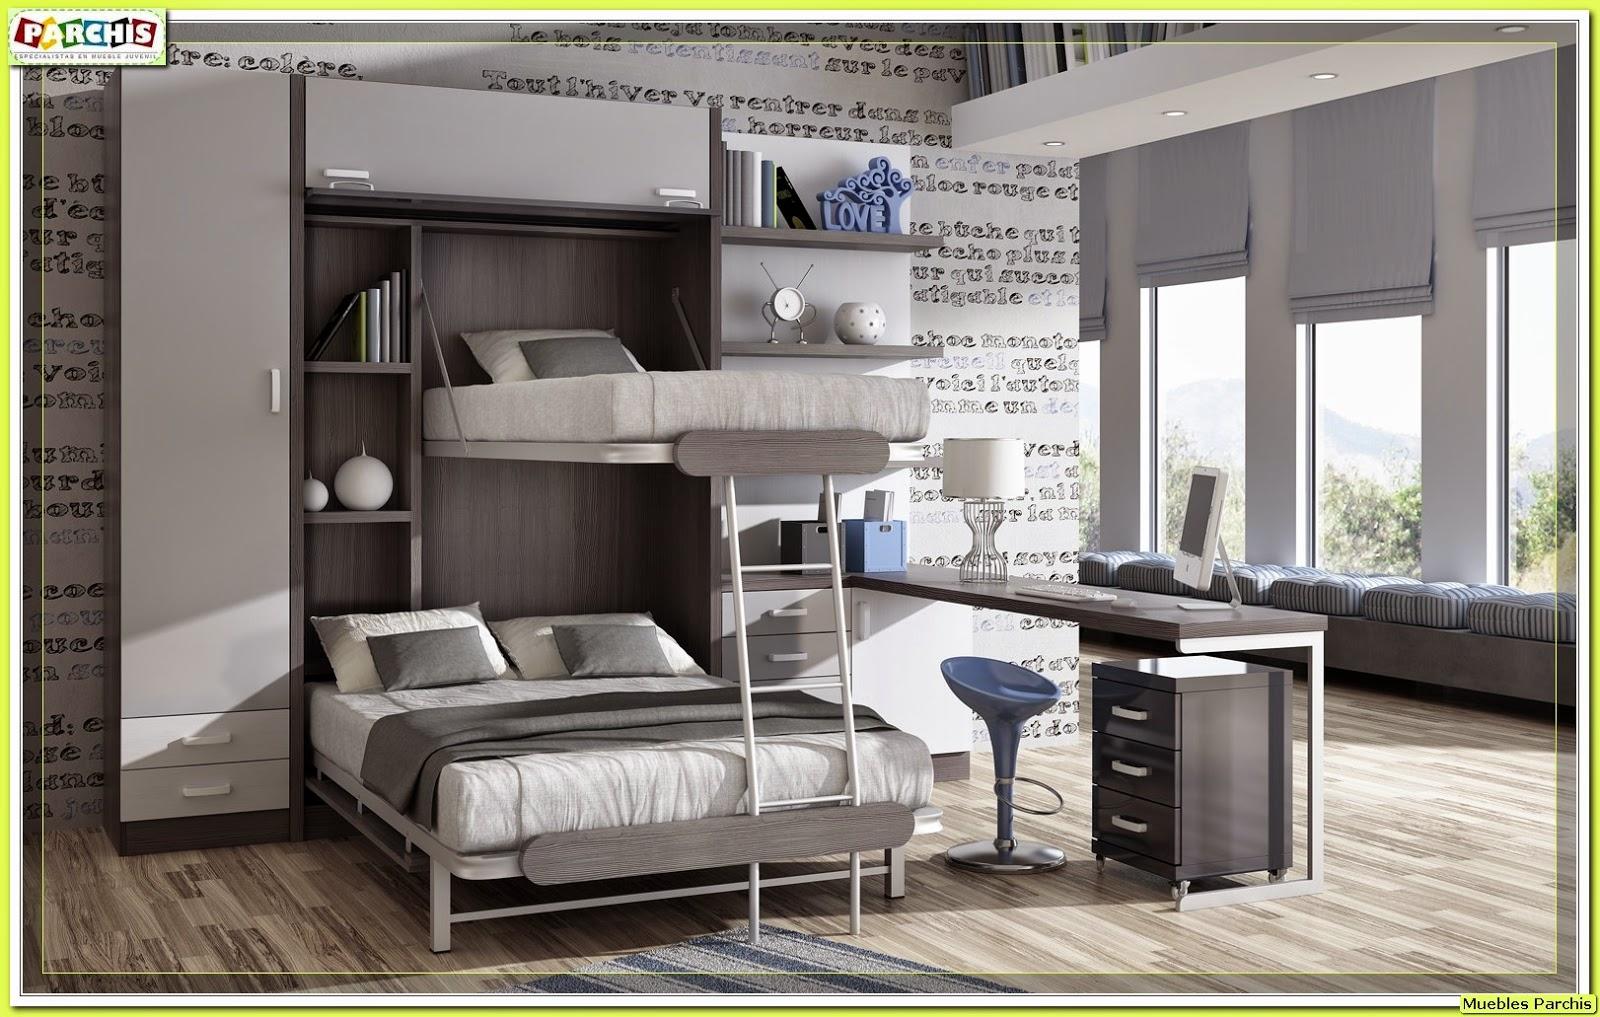 Fantástico Cama Para Comprar Muebles Motivo - Muebles Para Ideas de ...